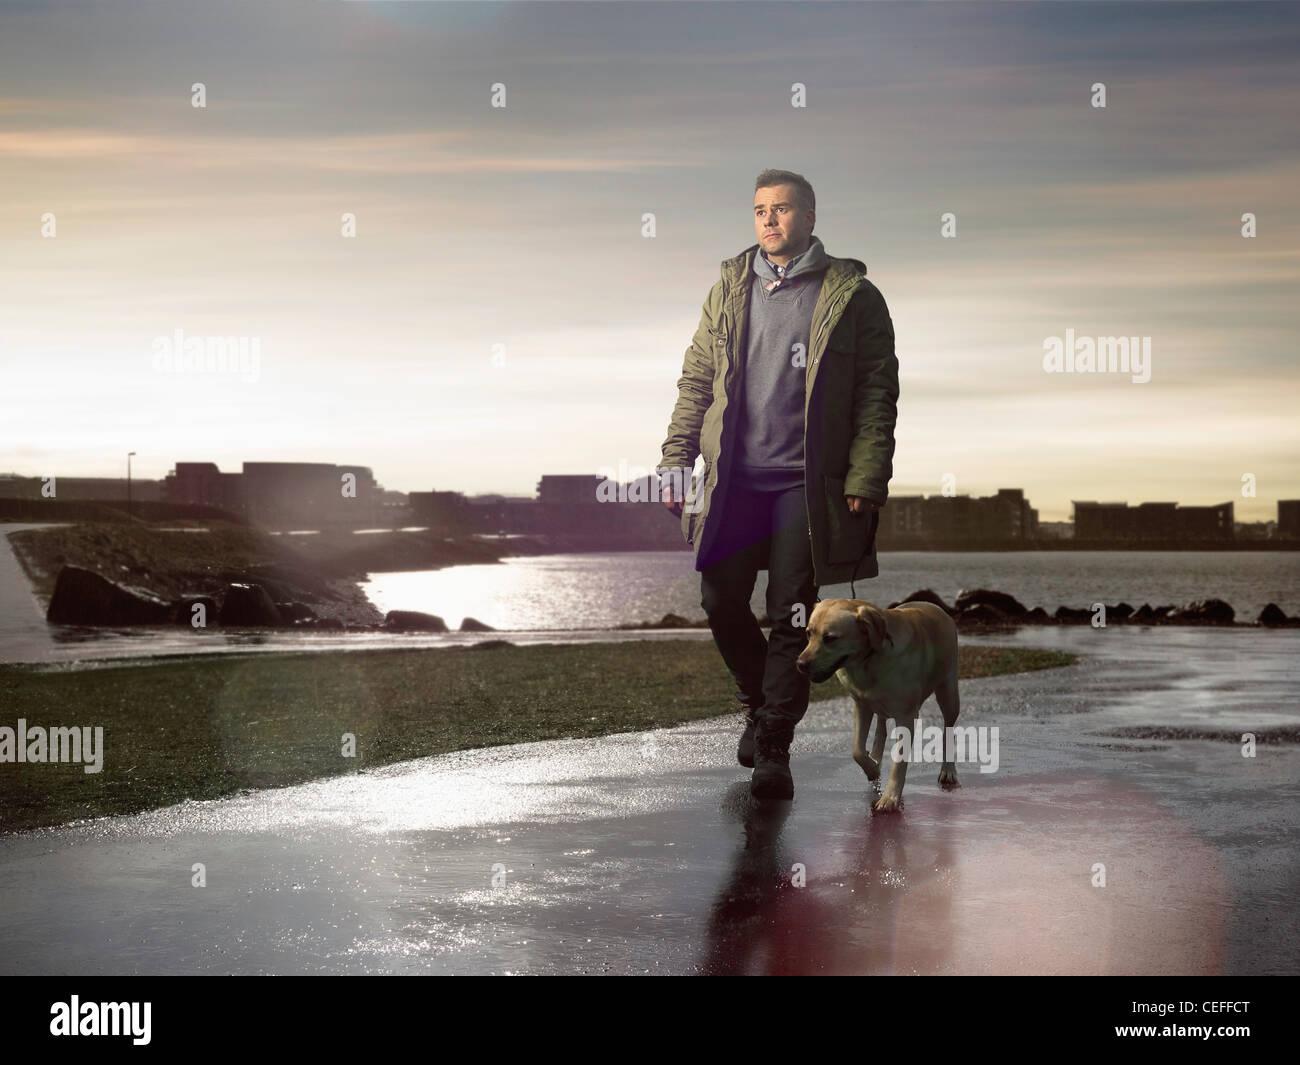 Hombre caminando perro en carretera mojada Imagen De Stock